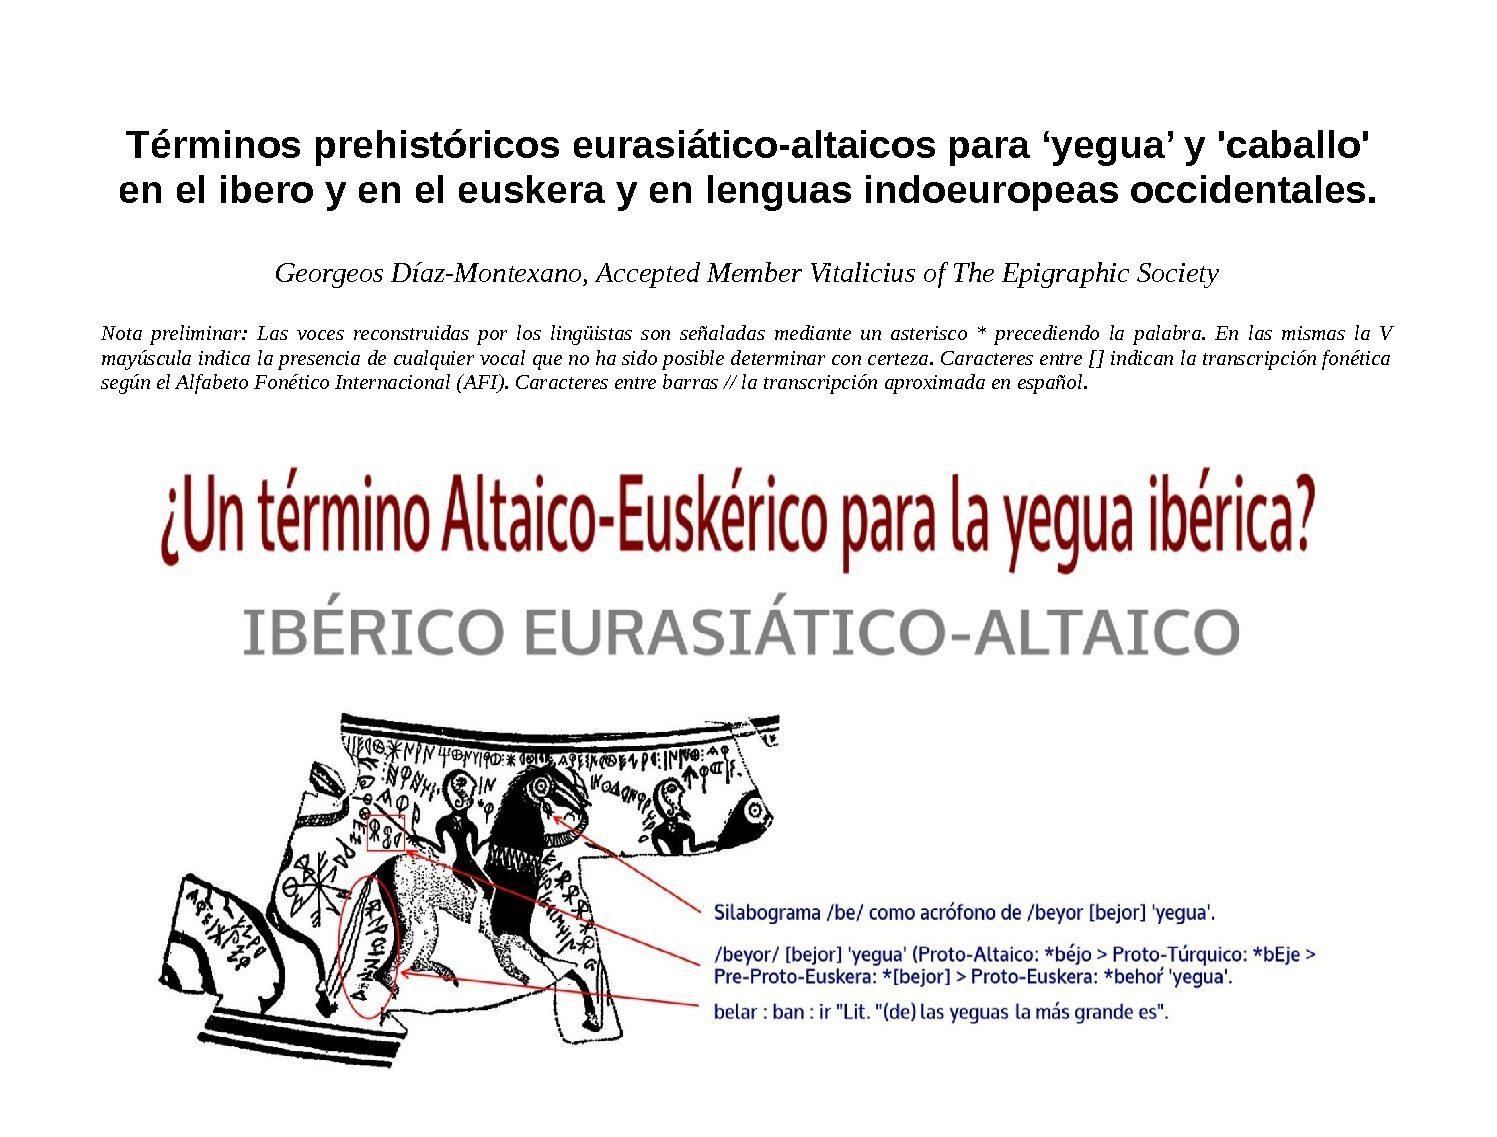 Terminos-prehistoricos-eurasiatico-altaicos-para-yegua-y-caballo-en-el-ibero-y-en-el-euskera-y-en-lenguas-indoeuropeas-occidentales.-pdf